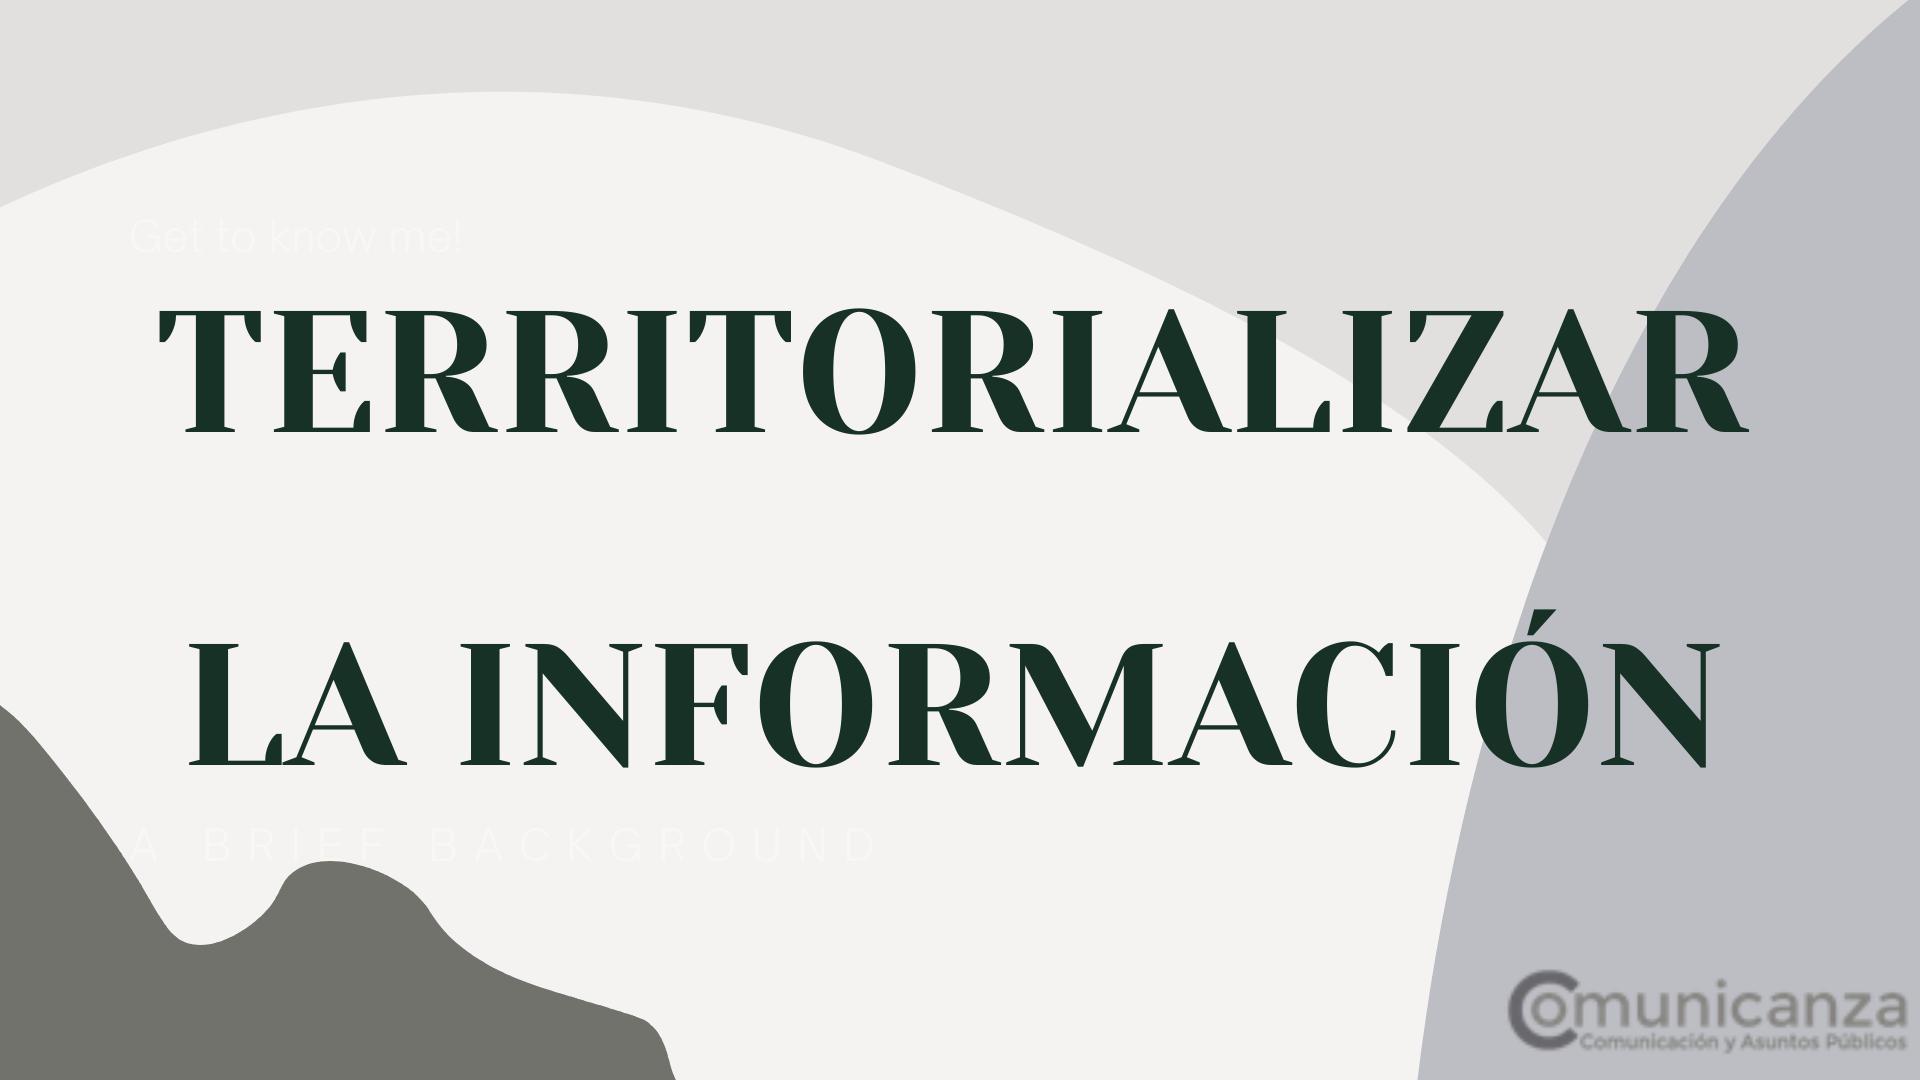 Imagen sobre territorializar la información